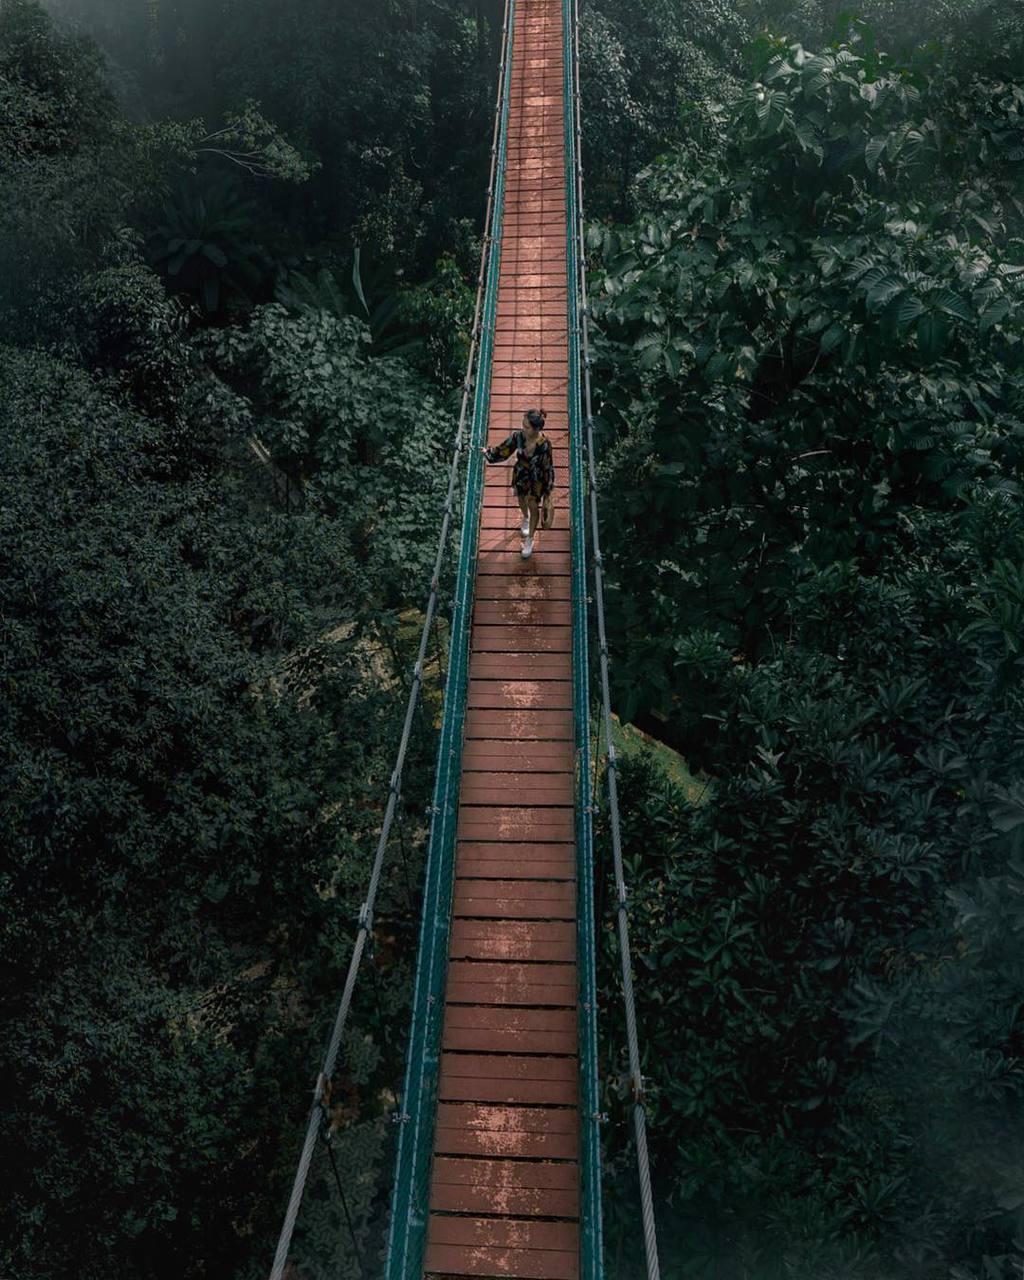 KL Eco Forest Park, Kuala Lumpur, by @blushblushtomato